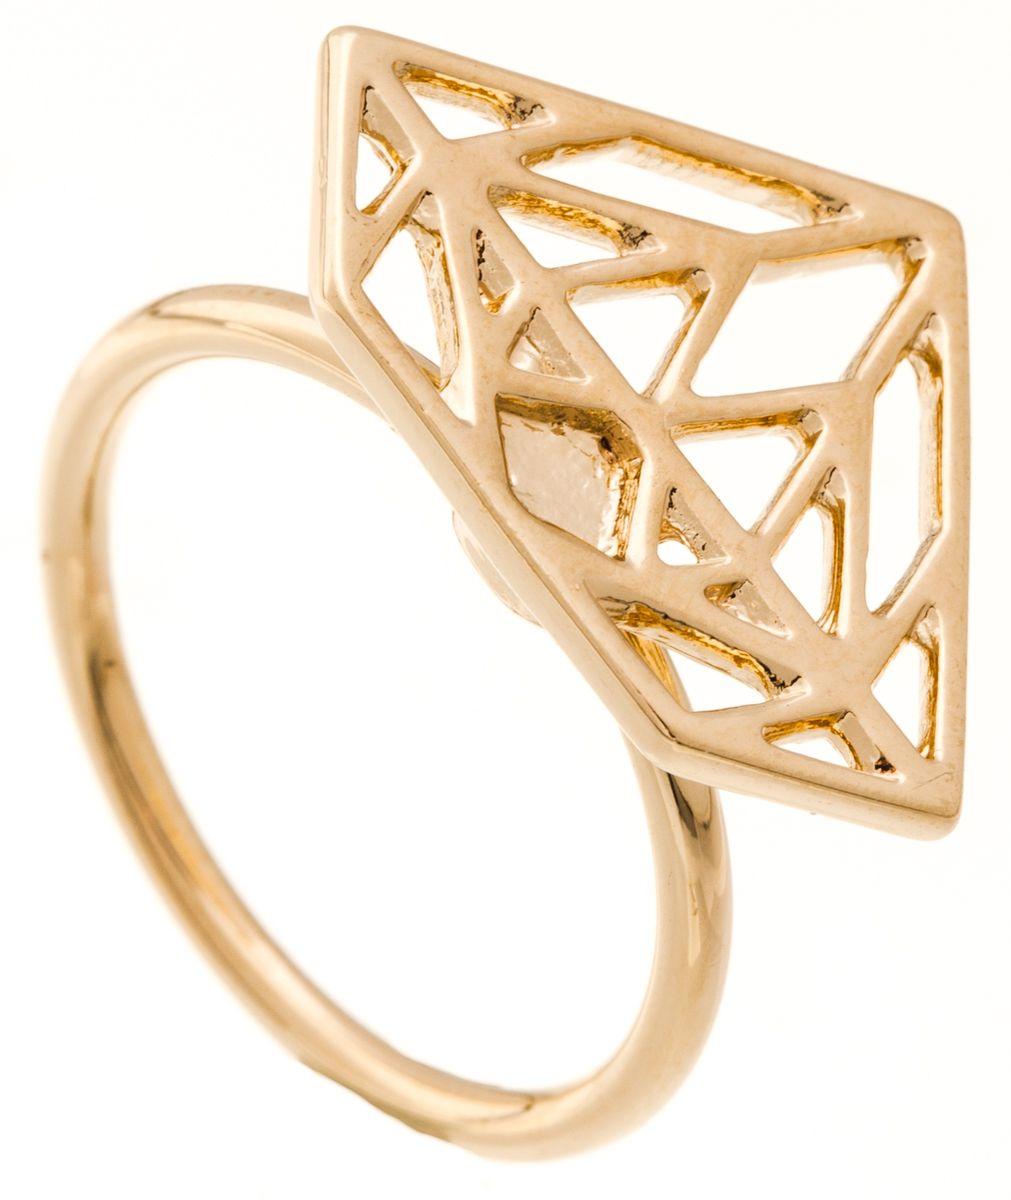 Кольцо Jenavi Young 2. Эпик, цвет: золотой. f661p090. Размер 15Коктейльное кольцоИзящное кольцо Jenavi из коллекции Young 2. Эпик изготовлено из ювелирного сплава с покрытием из позолоты. Изделие выполнено в необычном дизайне в форме треугольника. Стильное кольцо придаст вашему образу изюминку, подчеркнет индивидуальность.